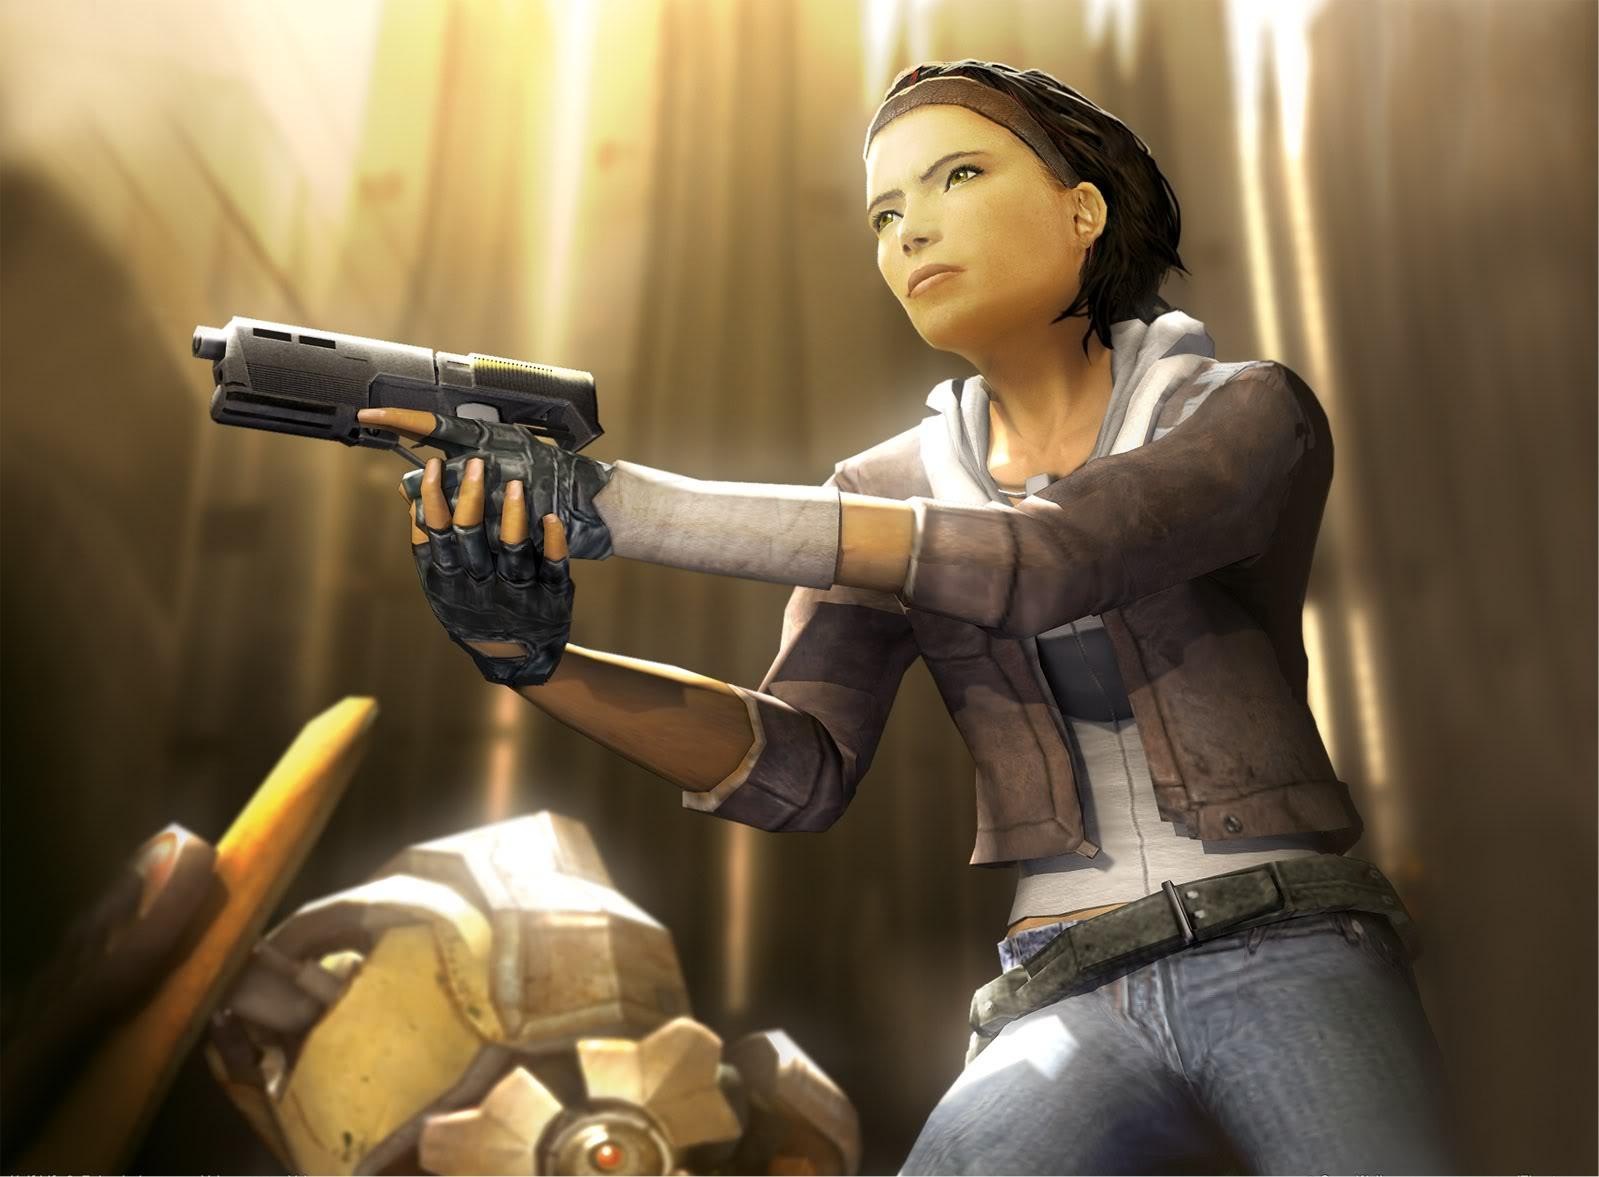 Народная версия - энтузиасты воссоздают Half-Life Alyx в